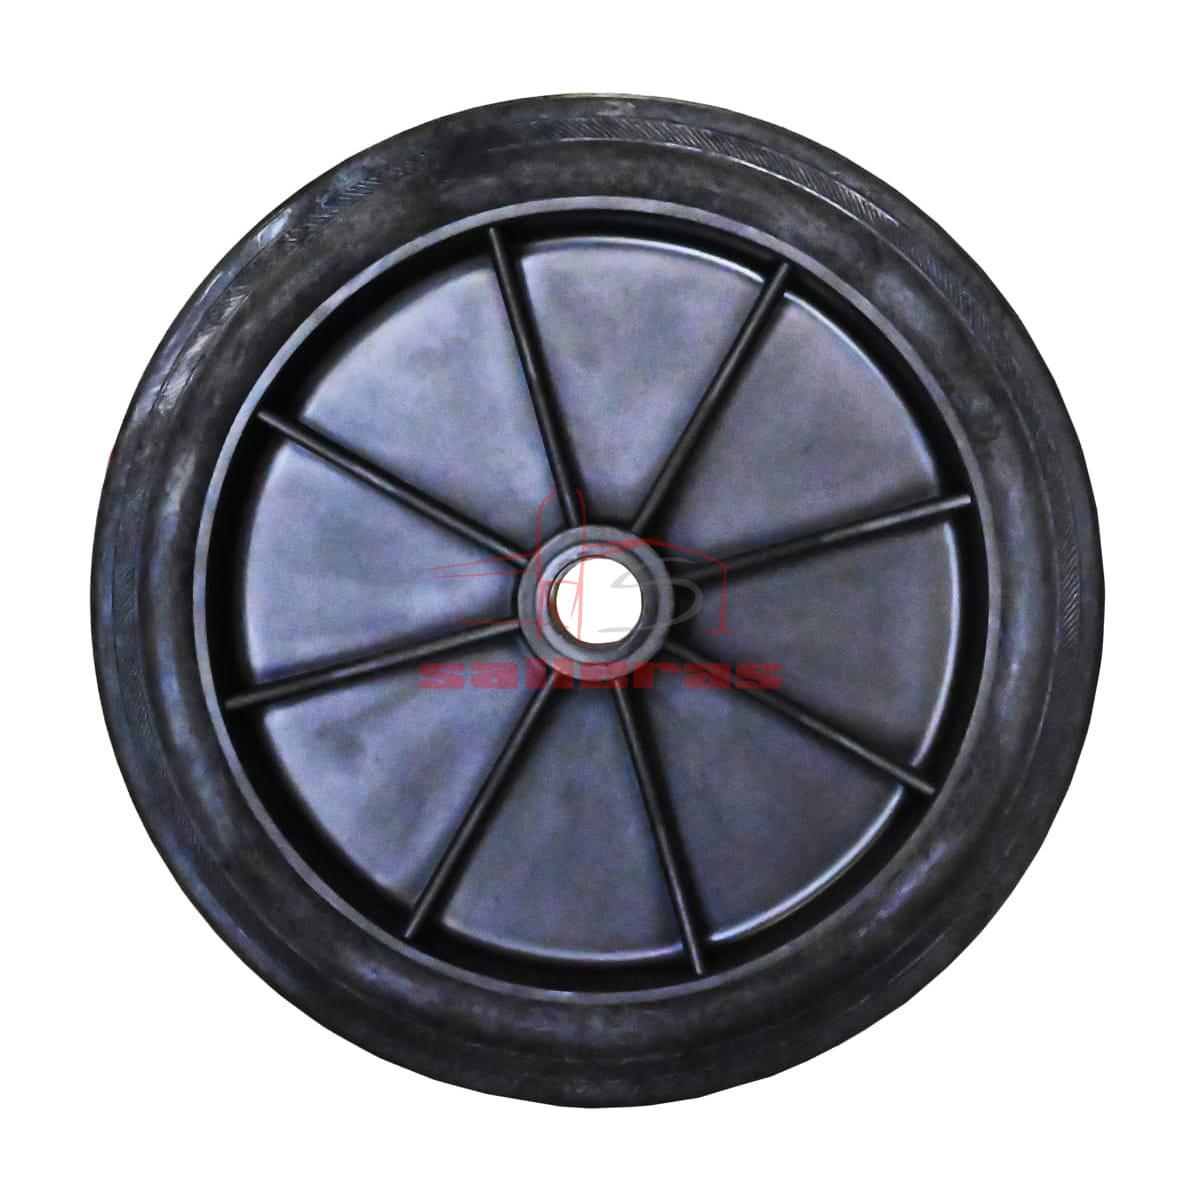 Dos ruedas negras de goma